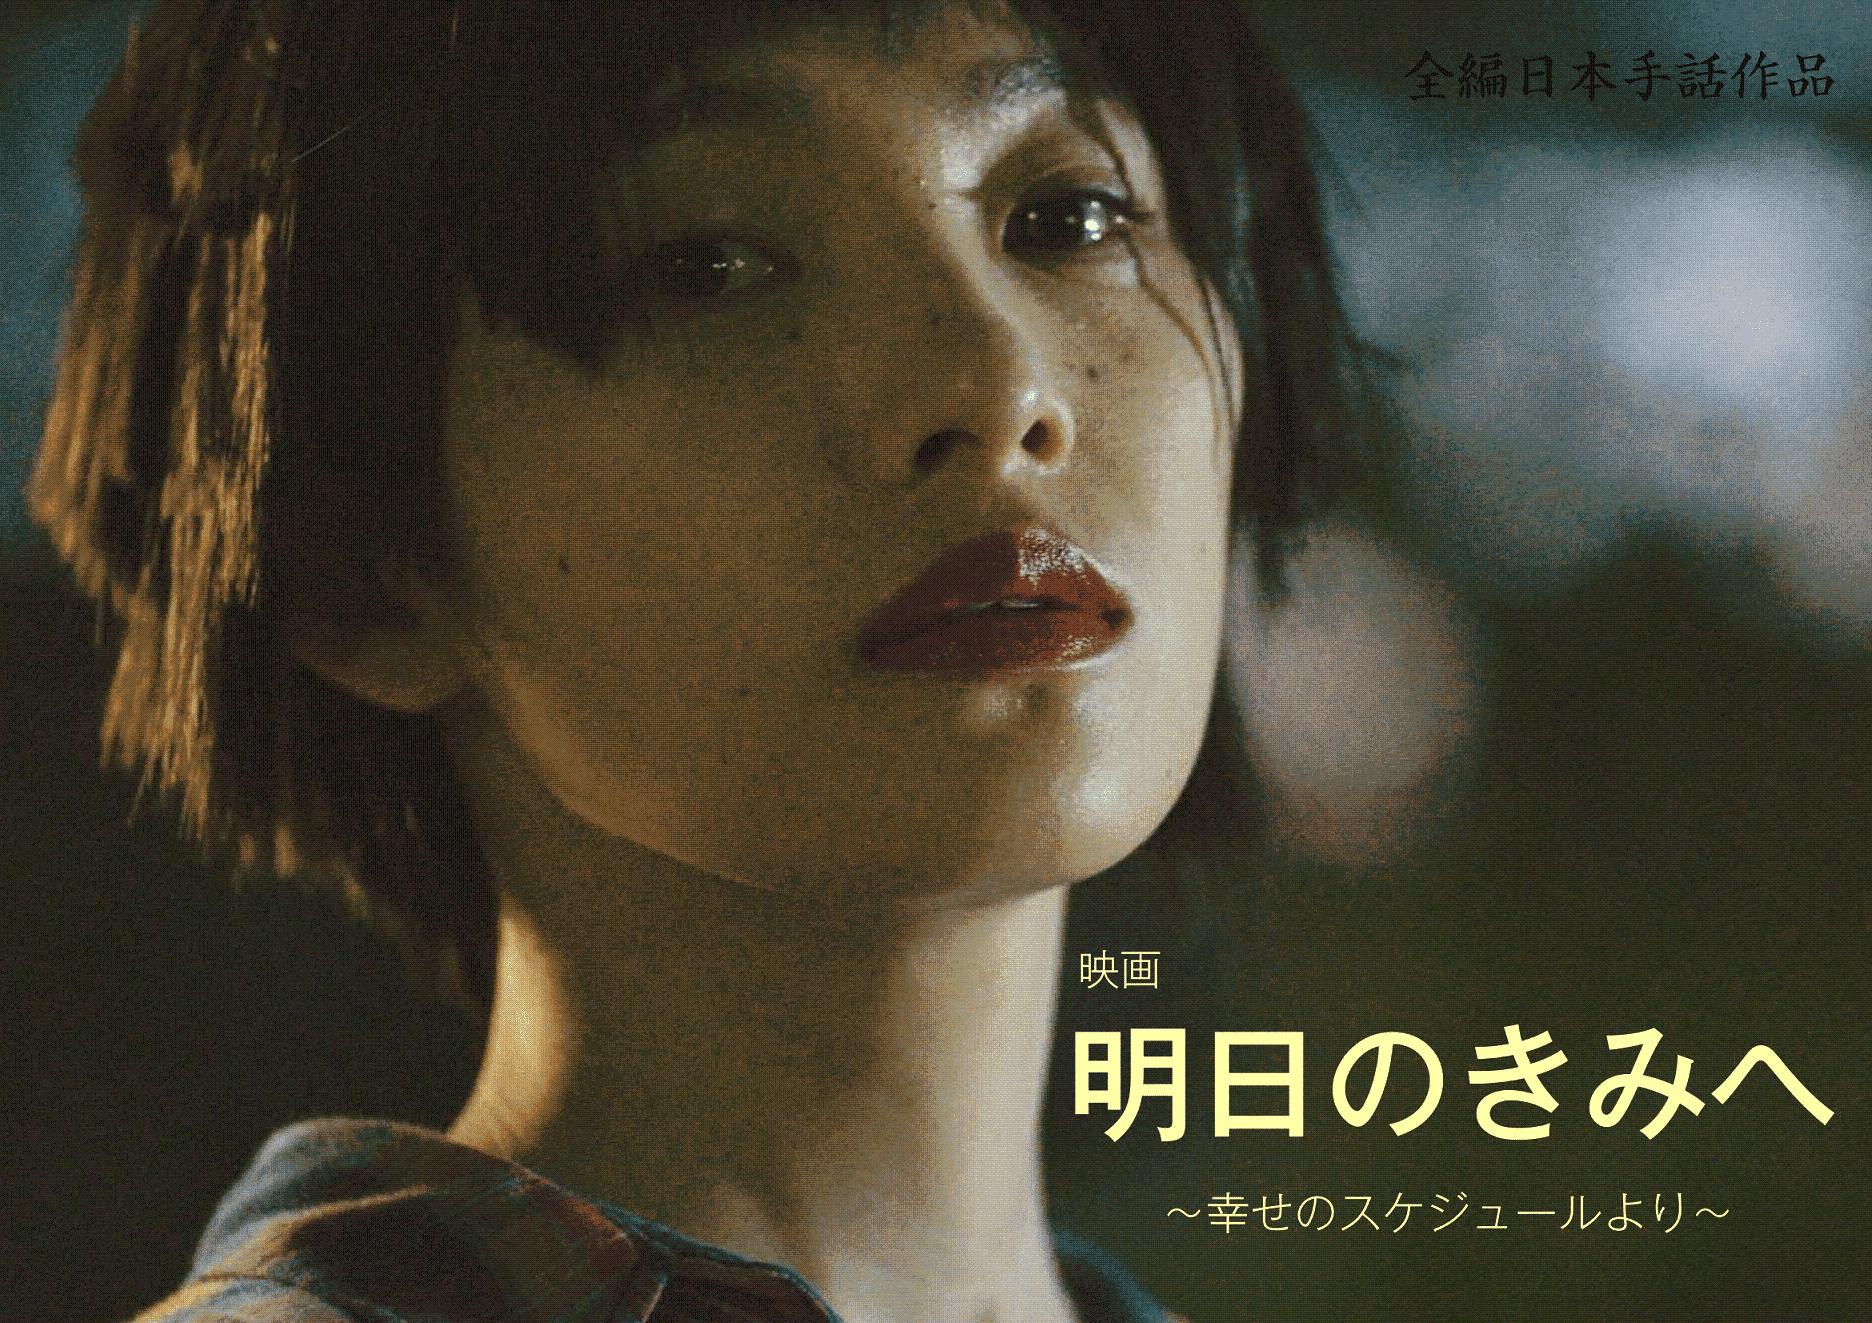 映画『明日のきみへ』~幸せのスケジュールより~